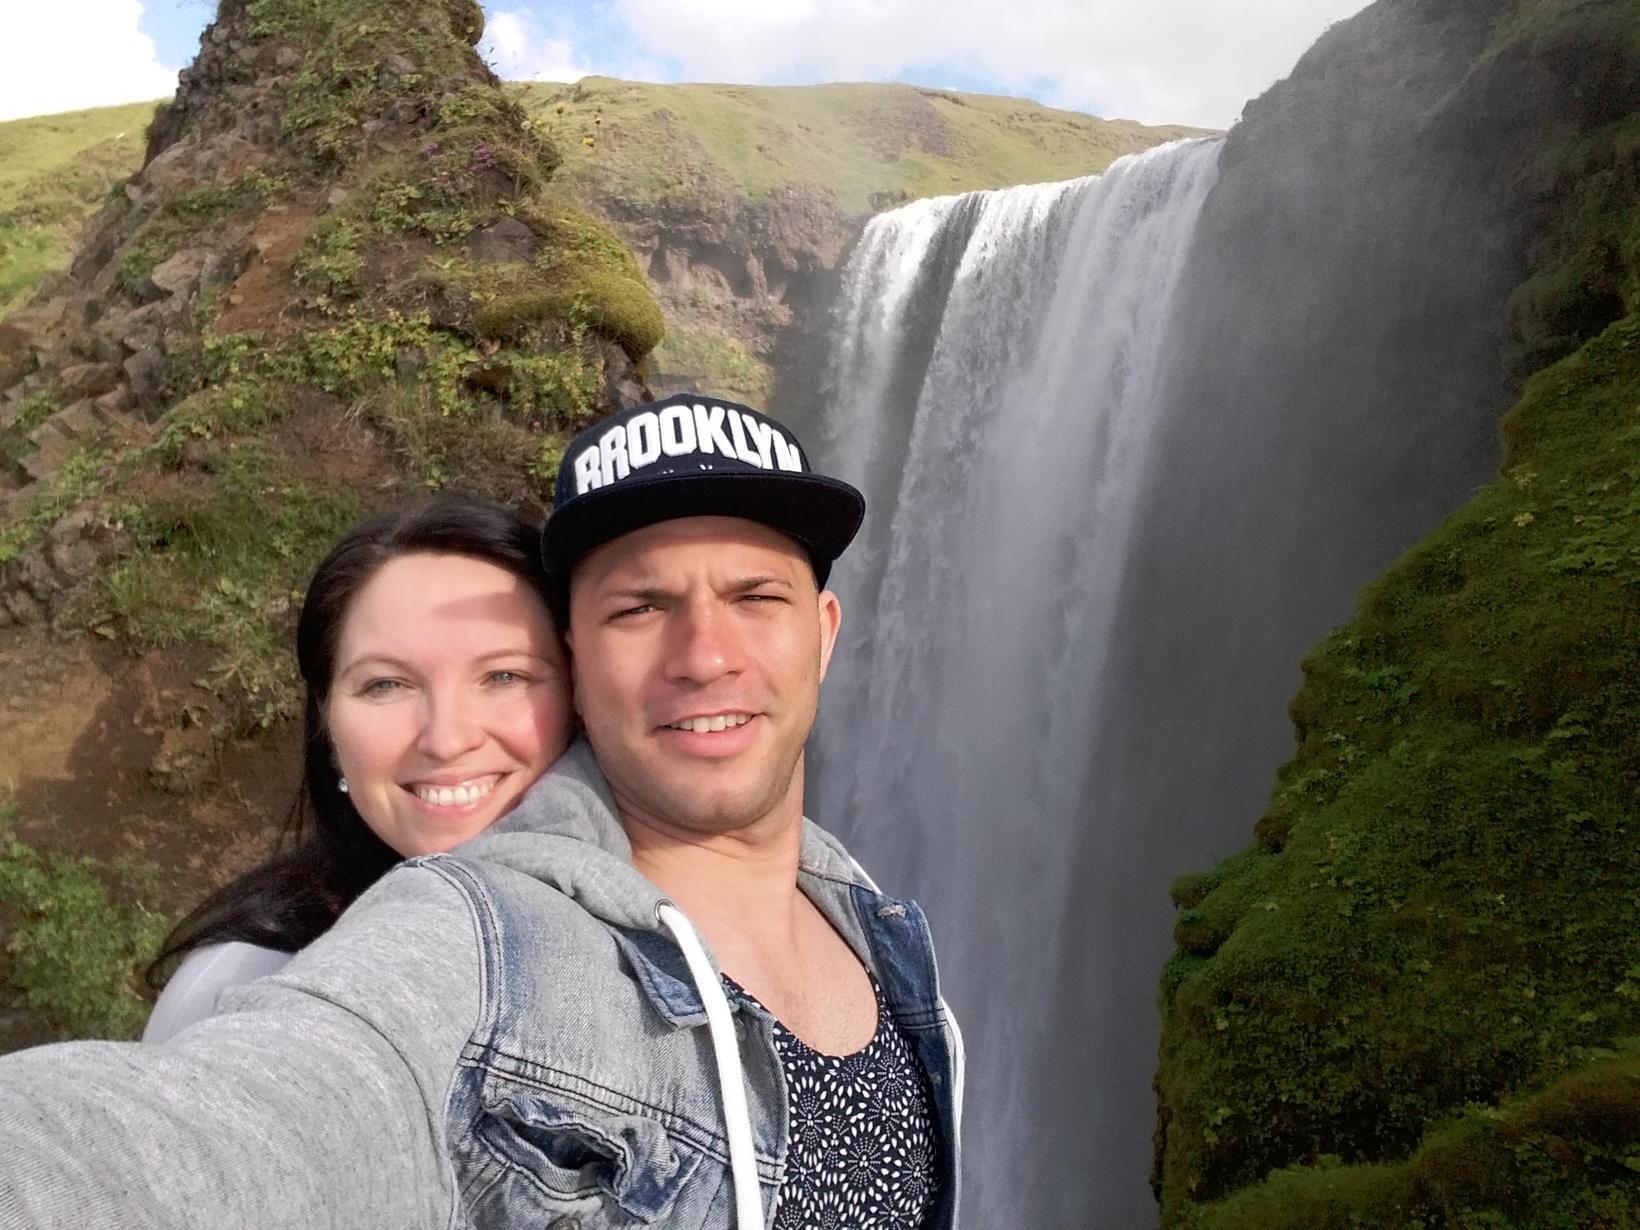 Yandy og kona hans, Halldóra Bjarkadóttir.